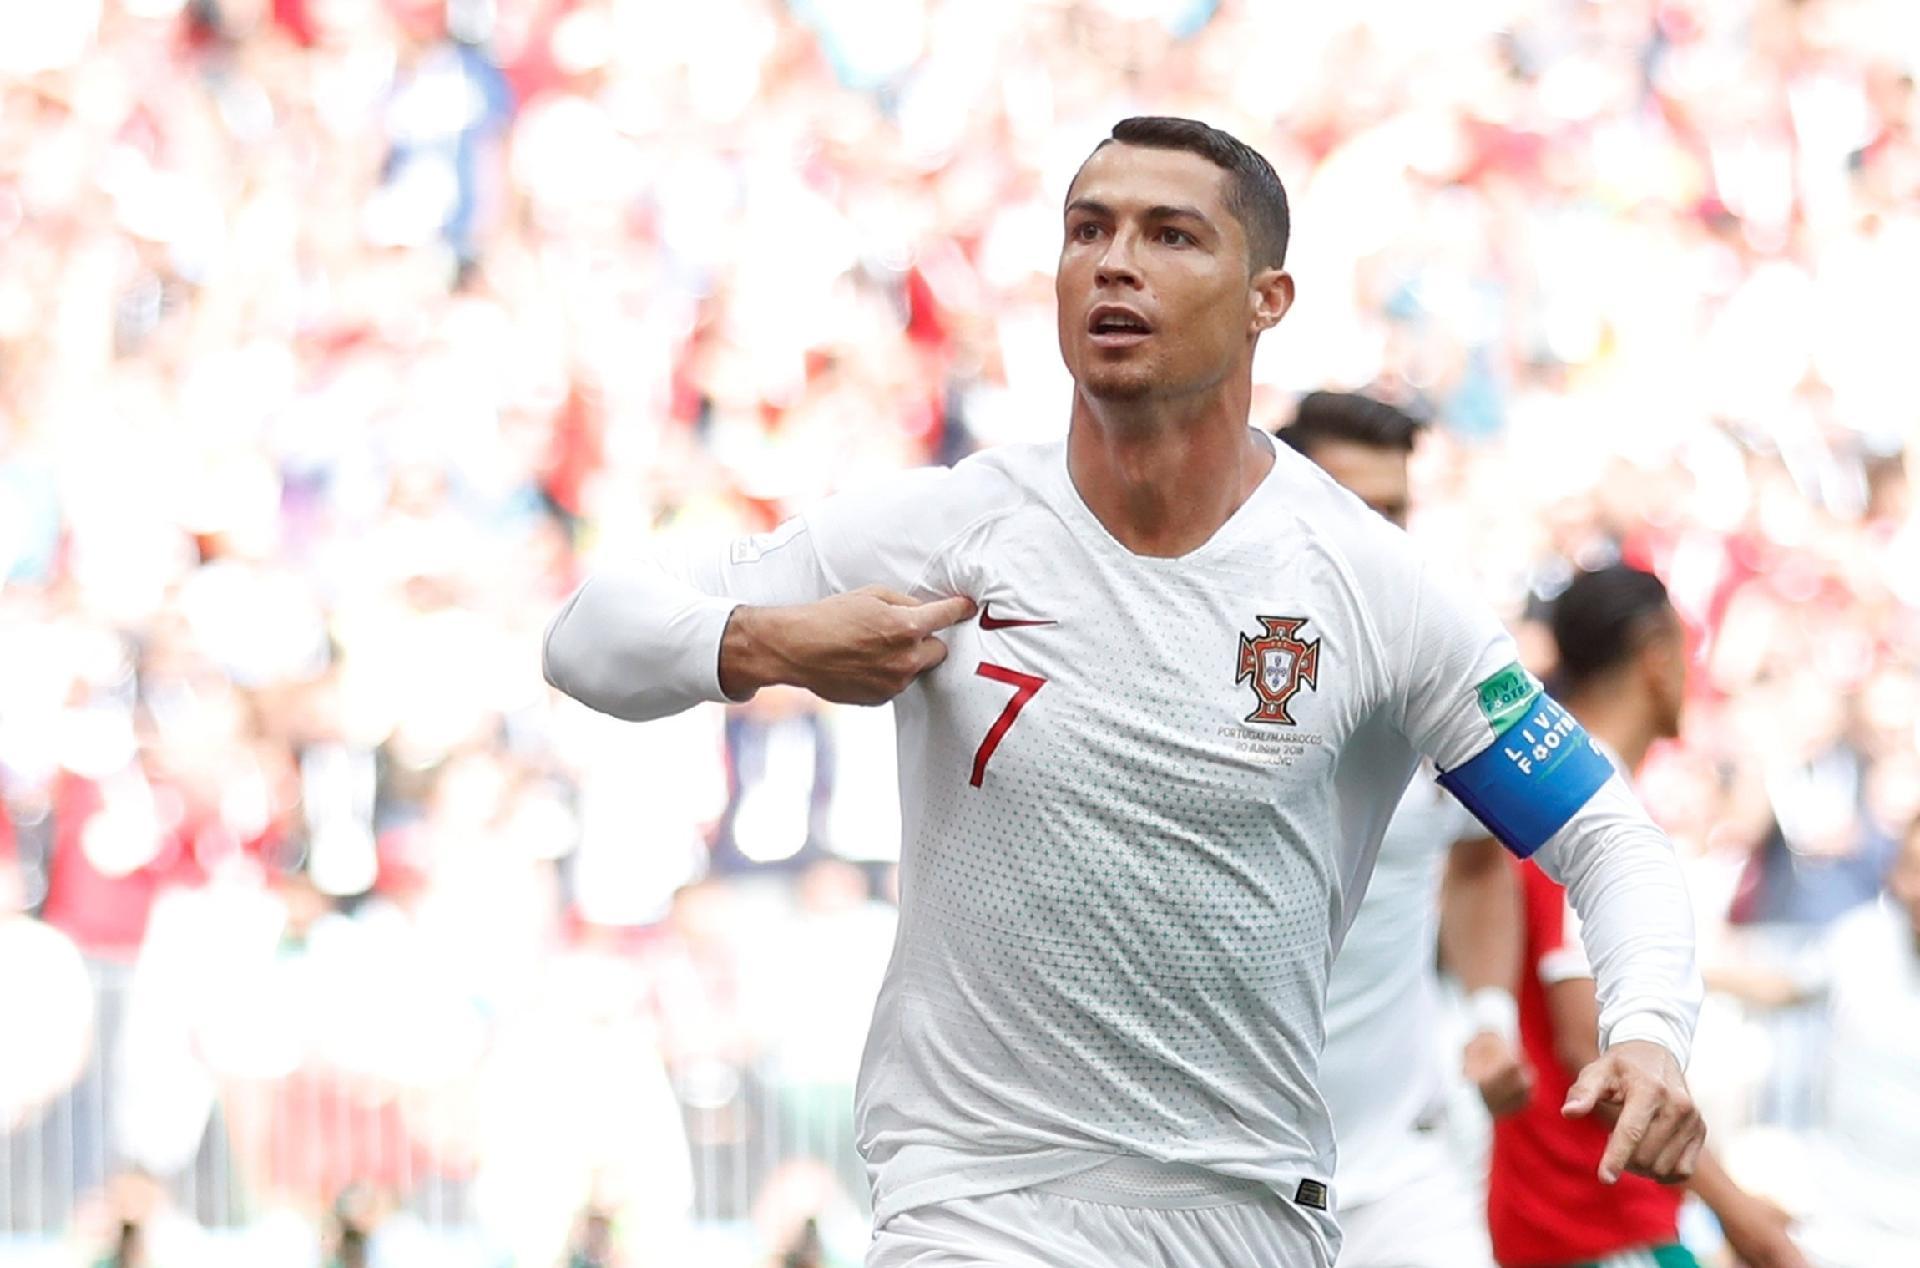 dadeeee59b Fotos da Copa 2018  Portugal enfrenta Marrocos nesta quarta (20 6) - UOL  Copa do Mundo 2018